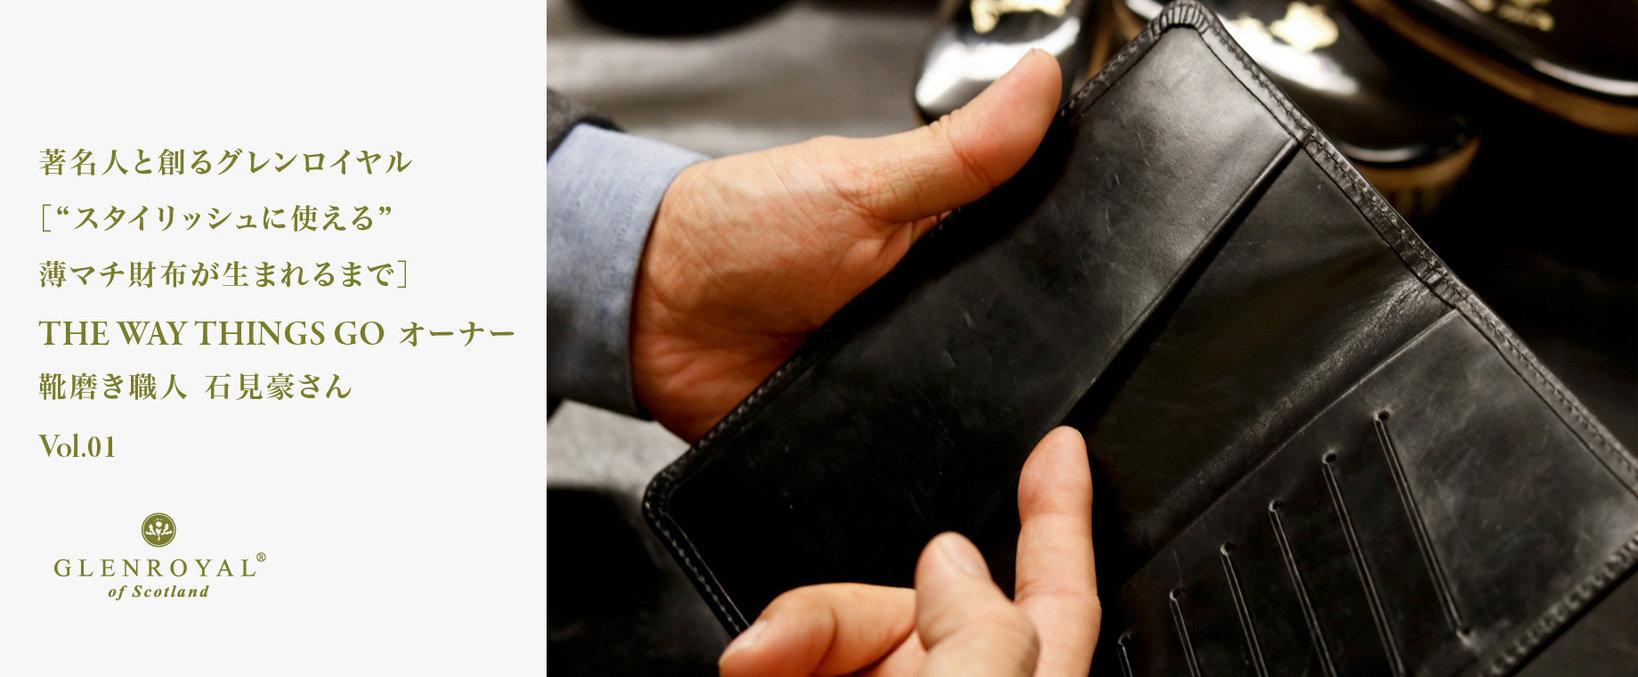 """渡辺産業が運営する「<a href=""""https://www.british-made.jp/topics/glenroyal/201906210033499"""">ブリティッシュメイド</a>」のオウンドメディア。現在公開されている""""著名人と創るグレンロイヤル""""。靴磨き初代日本チャンピオンであり、2年連続で日本チャンピオンを輩出しているTHE WAY THING GOのオーナー兼靴磨き職人の石見豪さんを筆頭に各著名人との別注のコンセプトや制作裏話など、英国製品のストーリーを深く知ることができる。"""